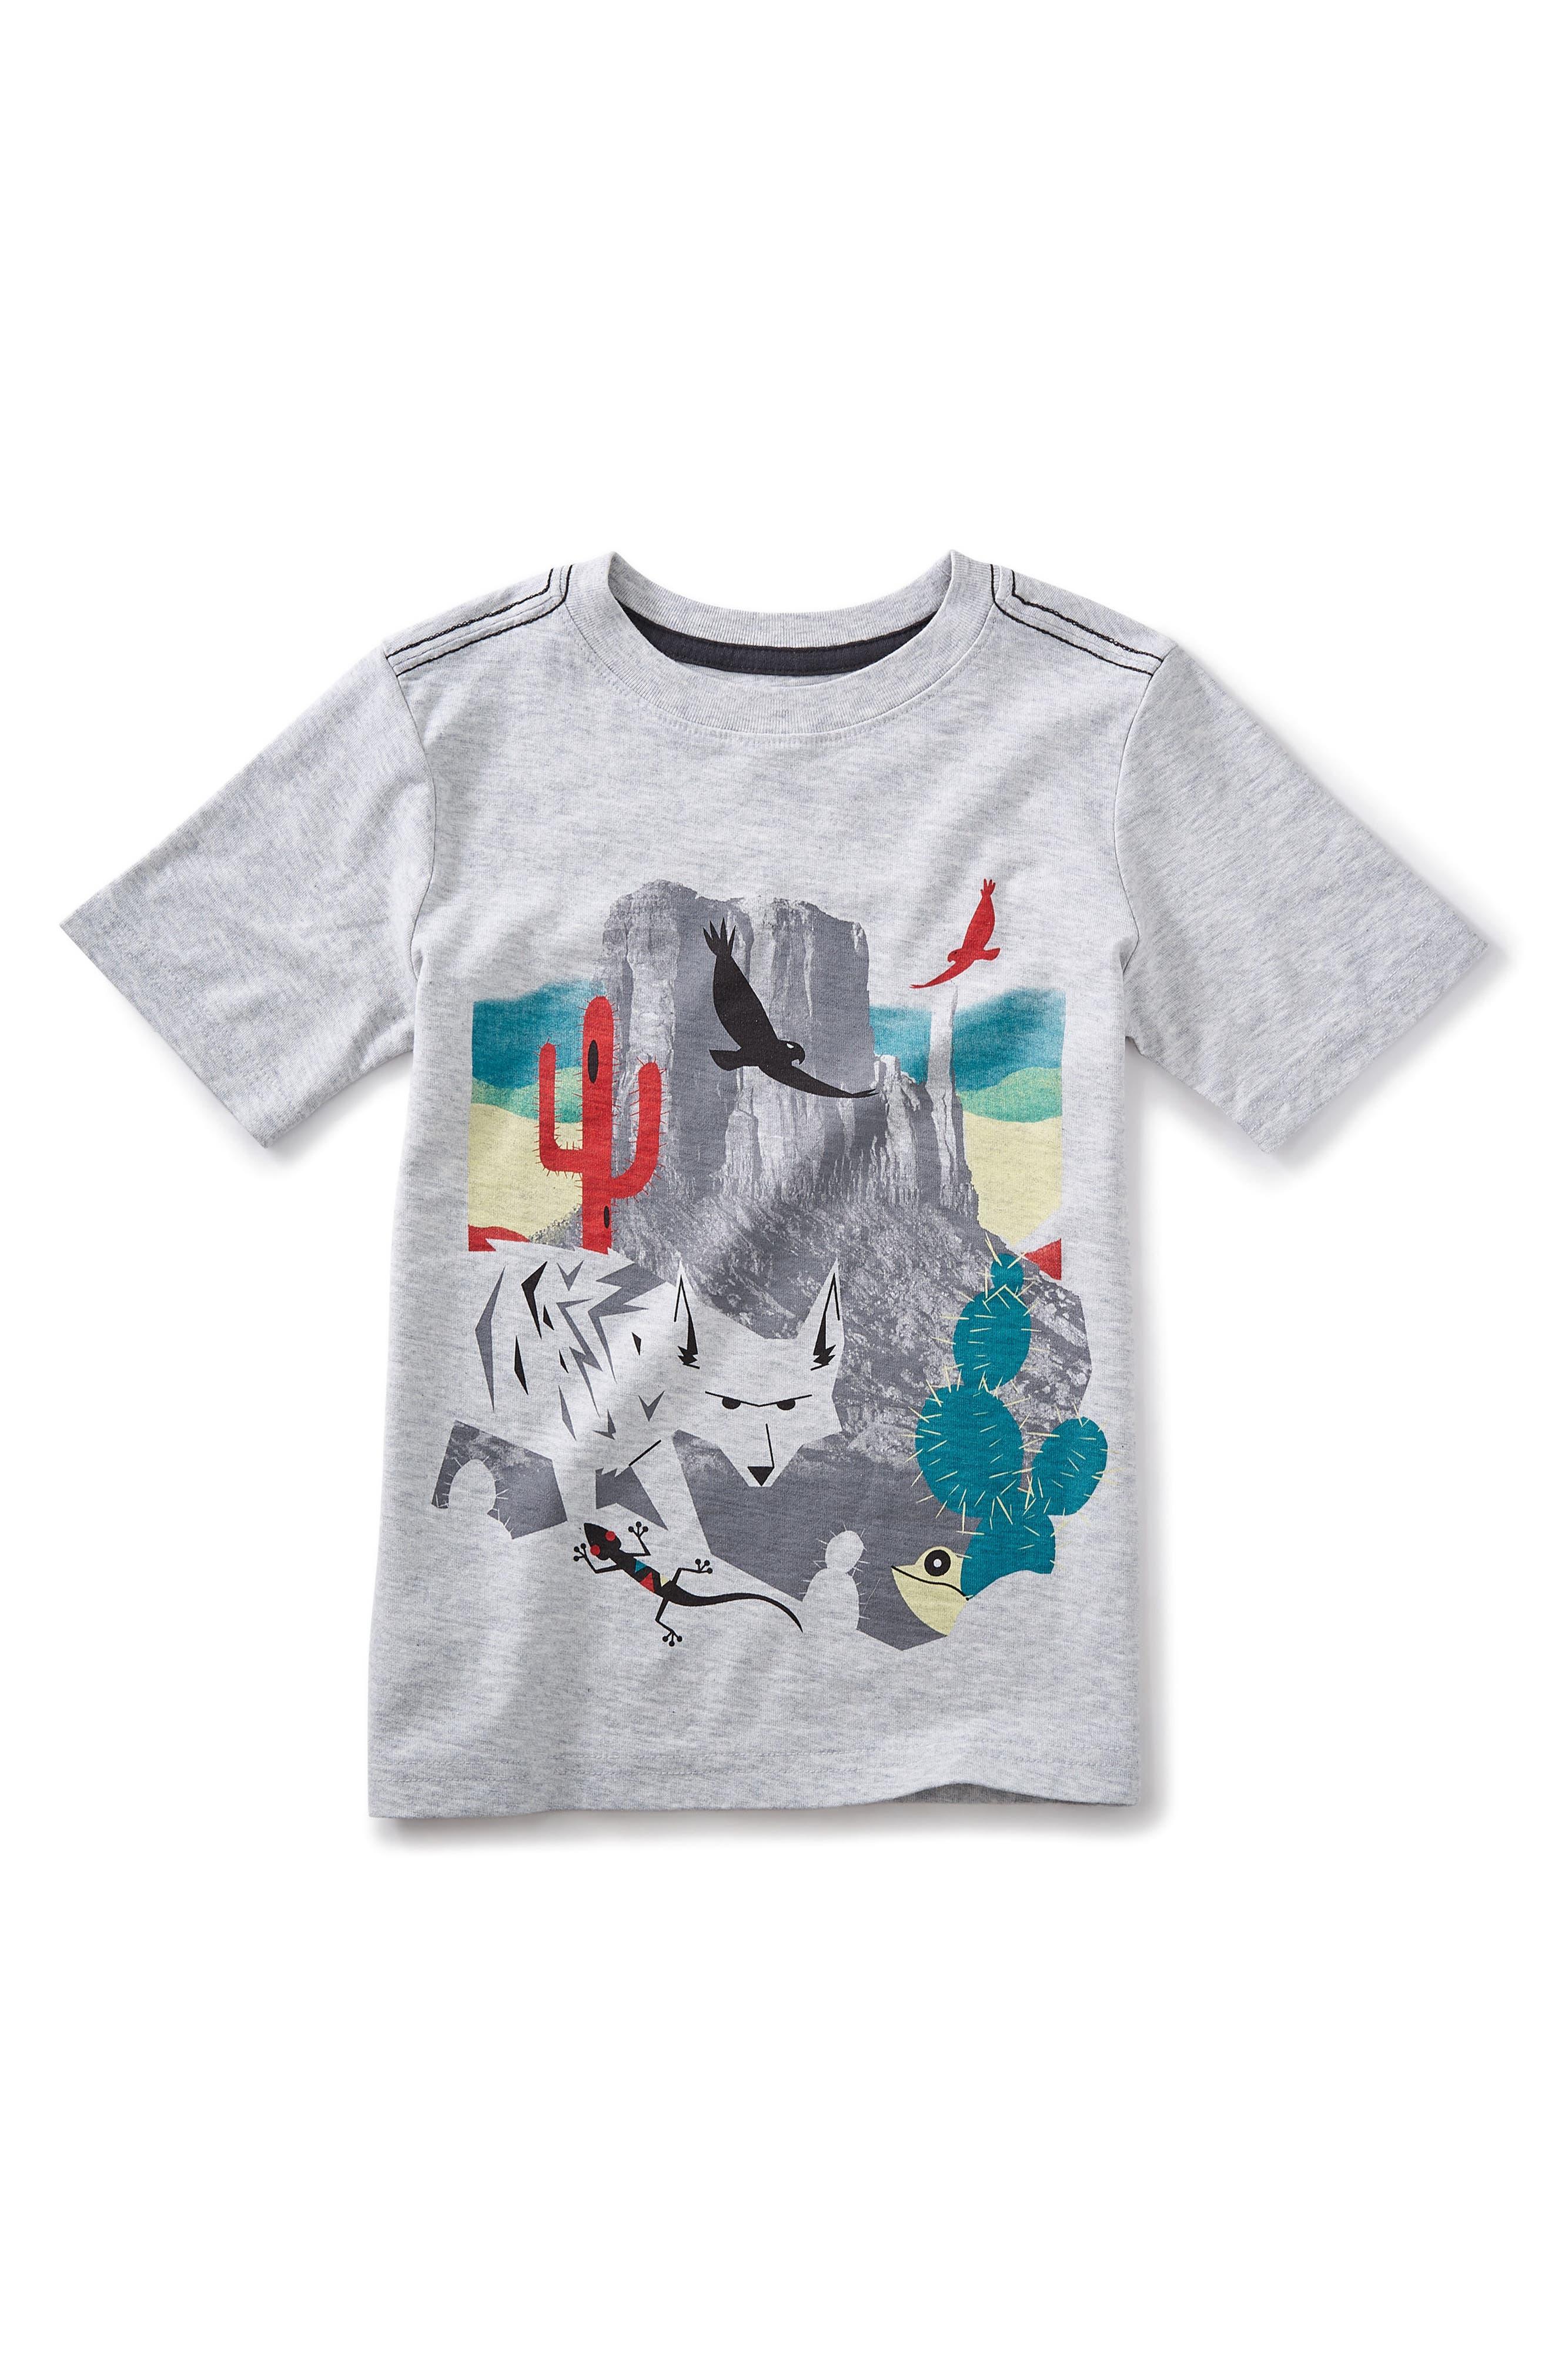 Canyon Lands Graphic T-Shirt,                             Main thumbnail 1, color,                             020